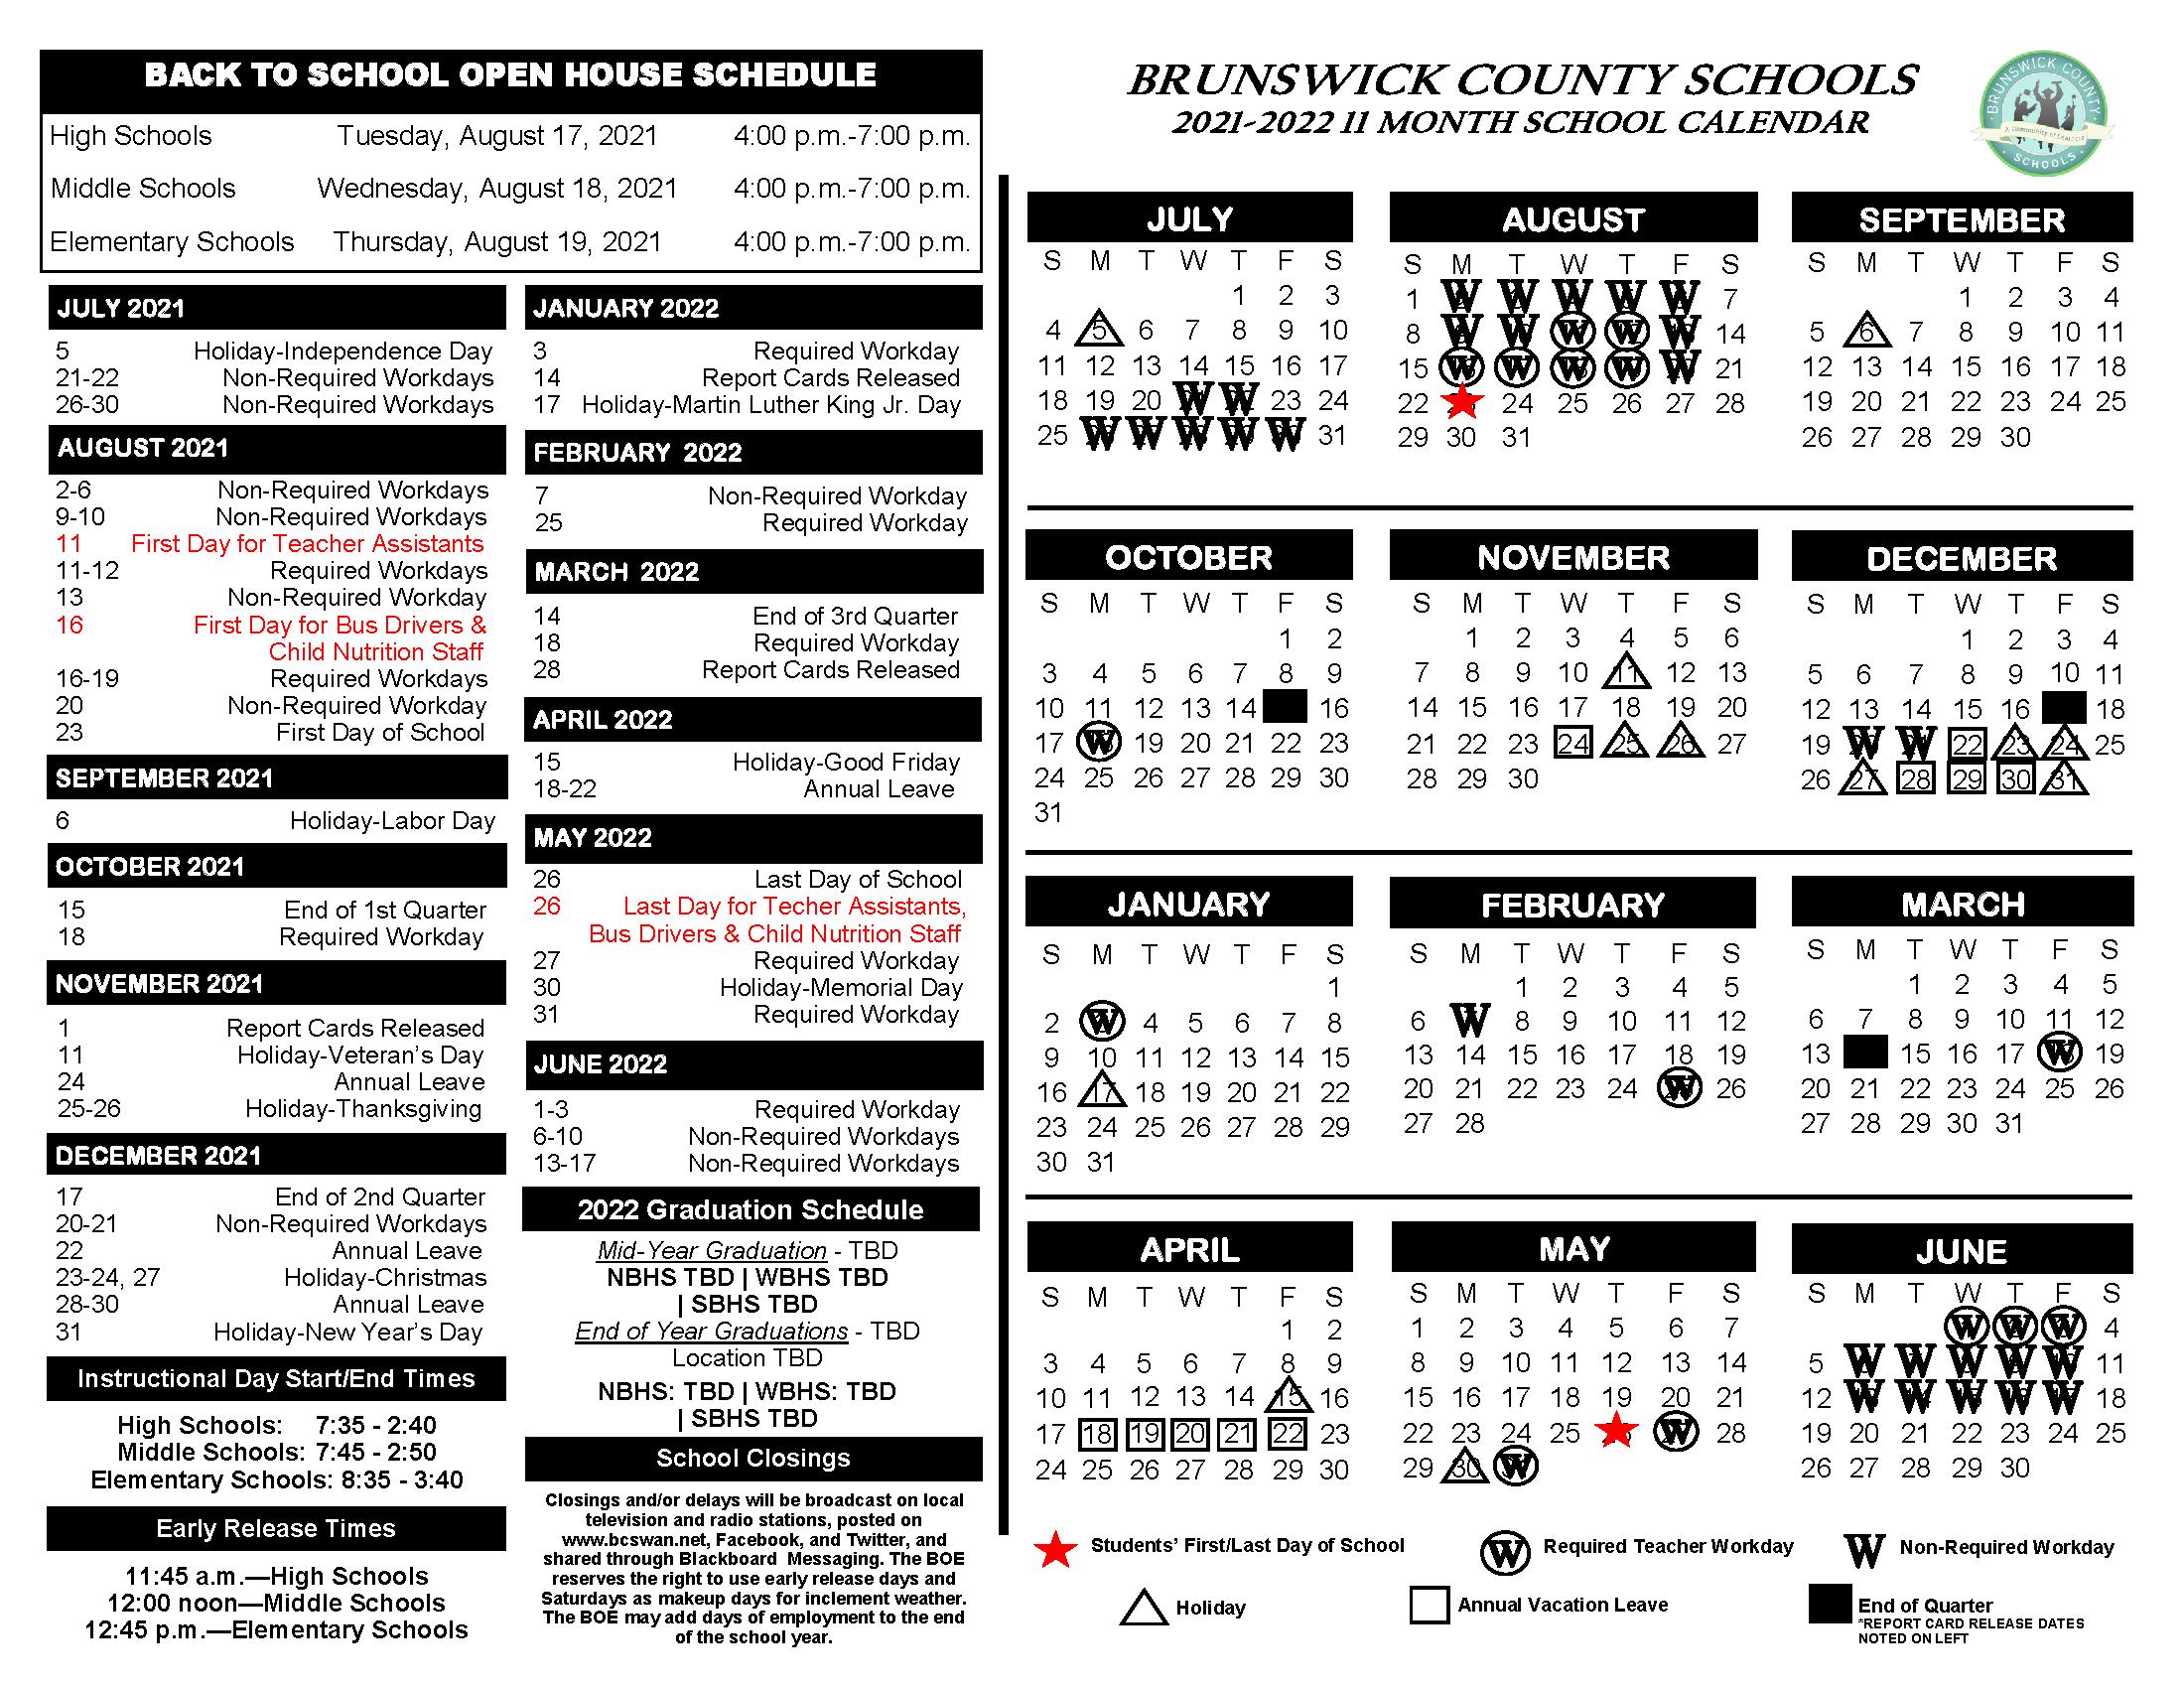 Cms Calendar 2022 23.Calendar 2021 22 School Calendars Now Available